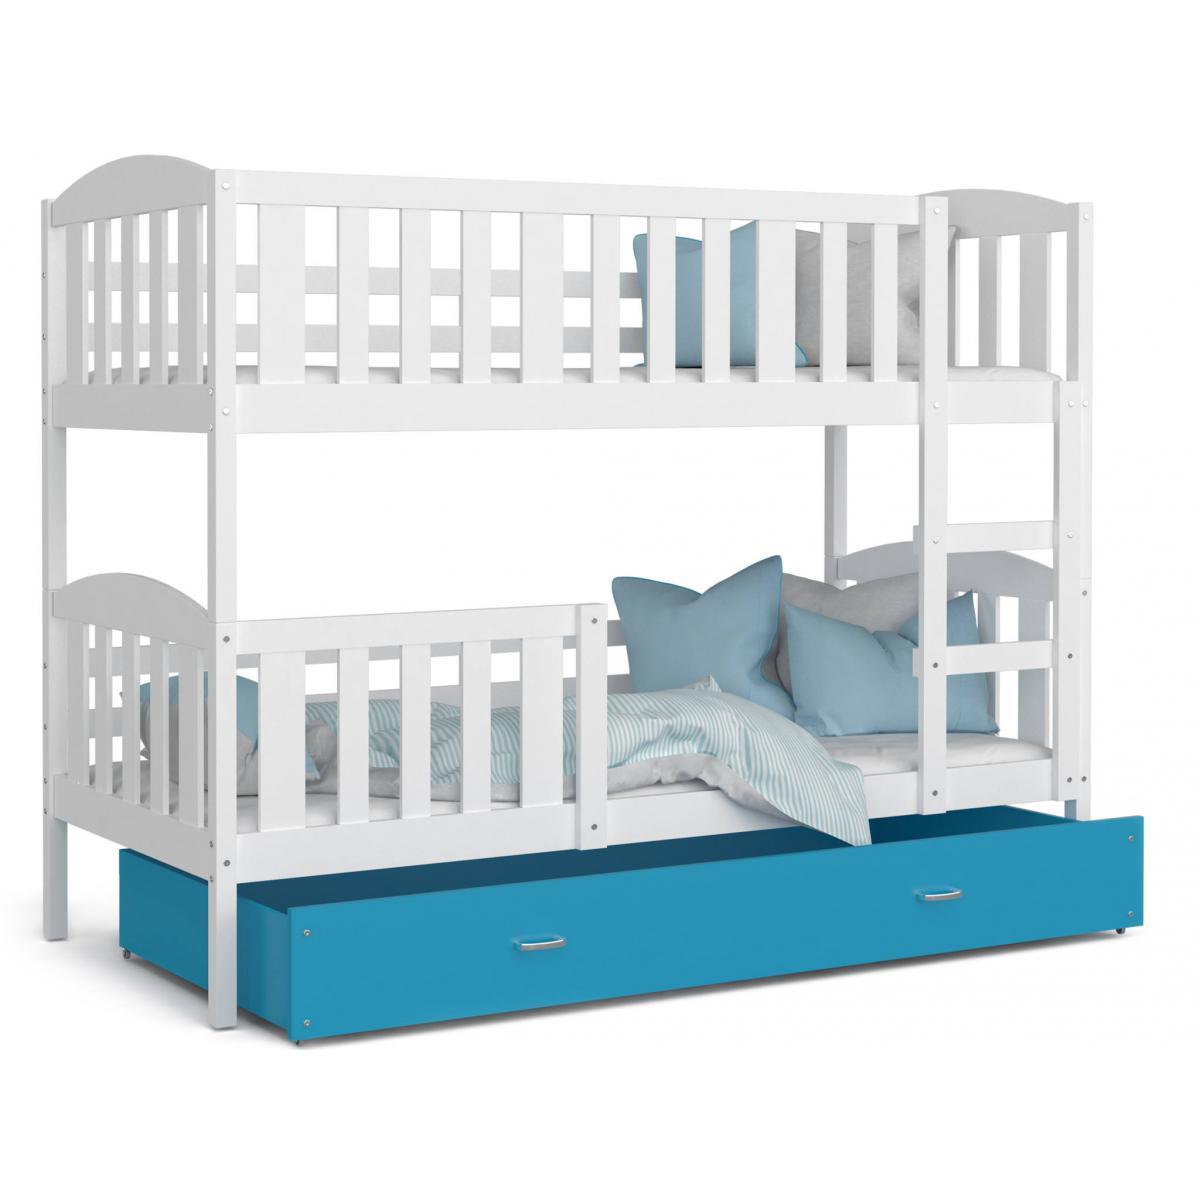 Kids Literie LIT superposé Teo 90×190 Blanc - Bleu livré avec sommier, tiroir et matelas de 7cm OFFERT.